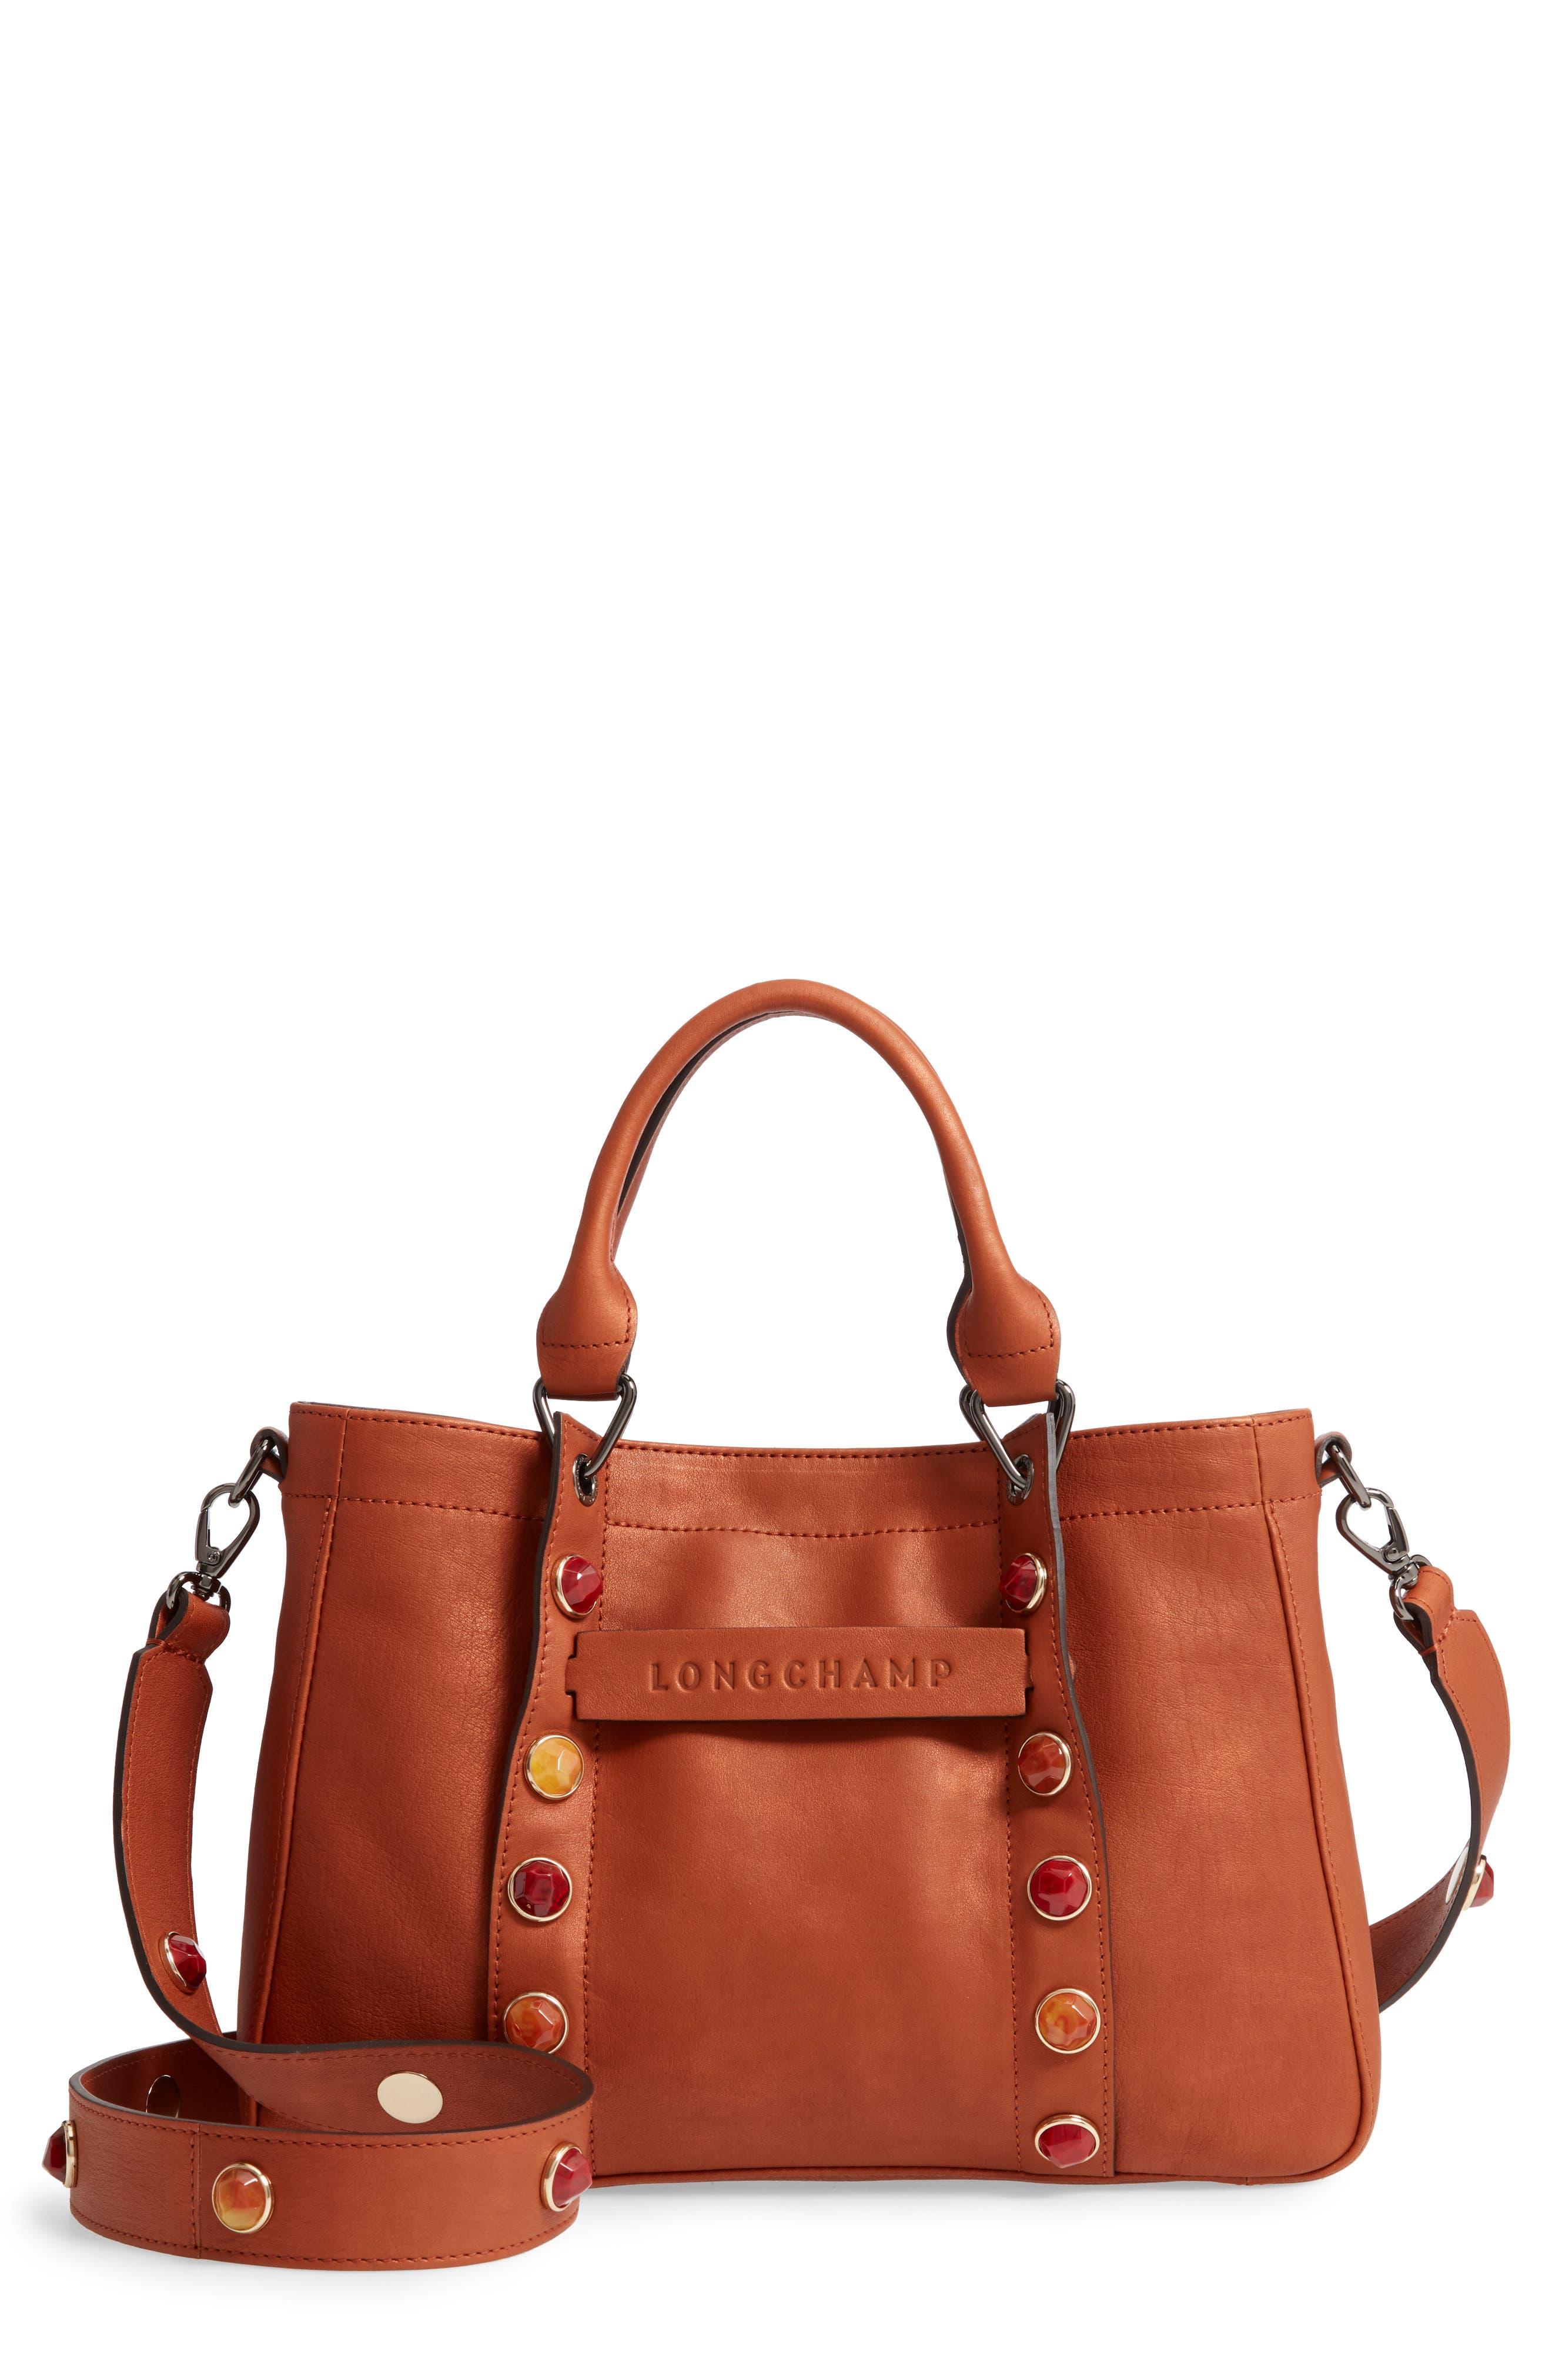 2d3205ba19d92 Women's Longchamp Sale | Nordstrom